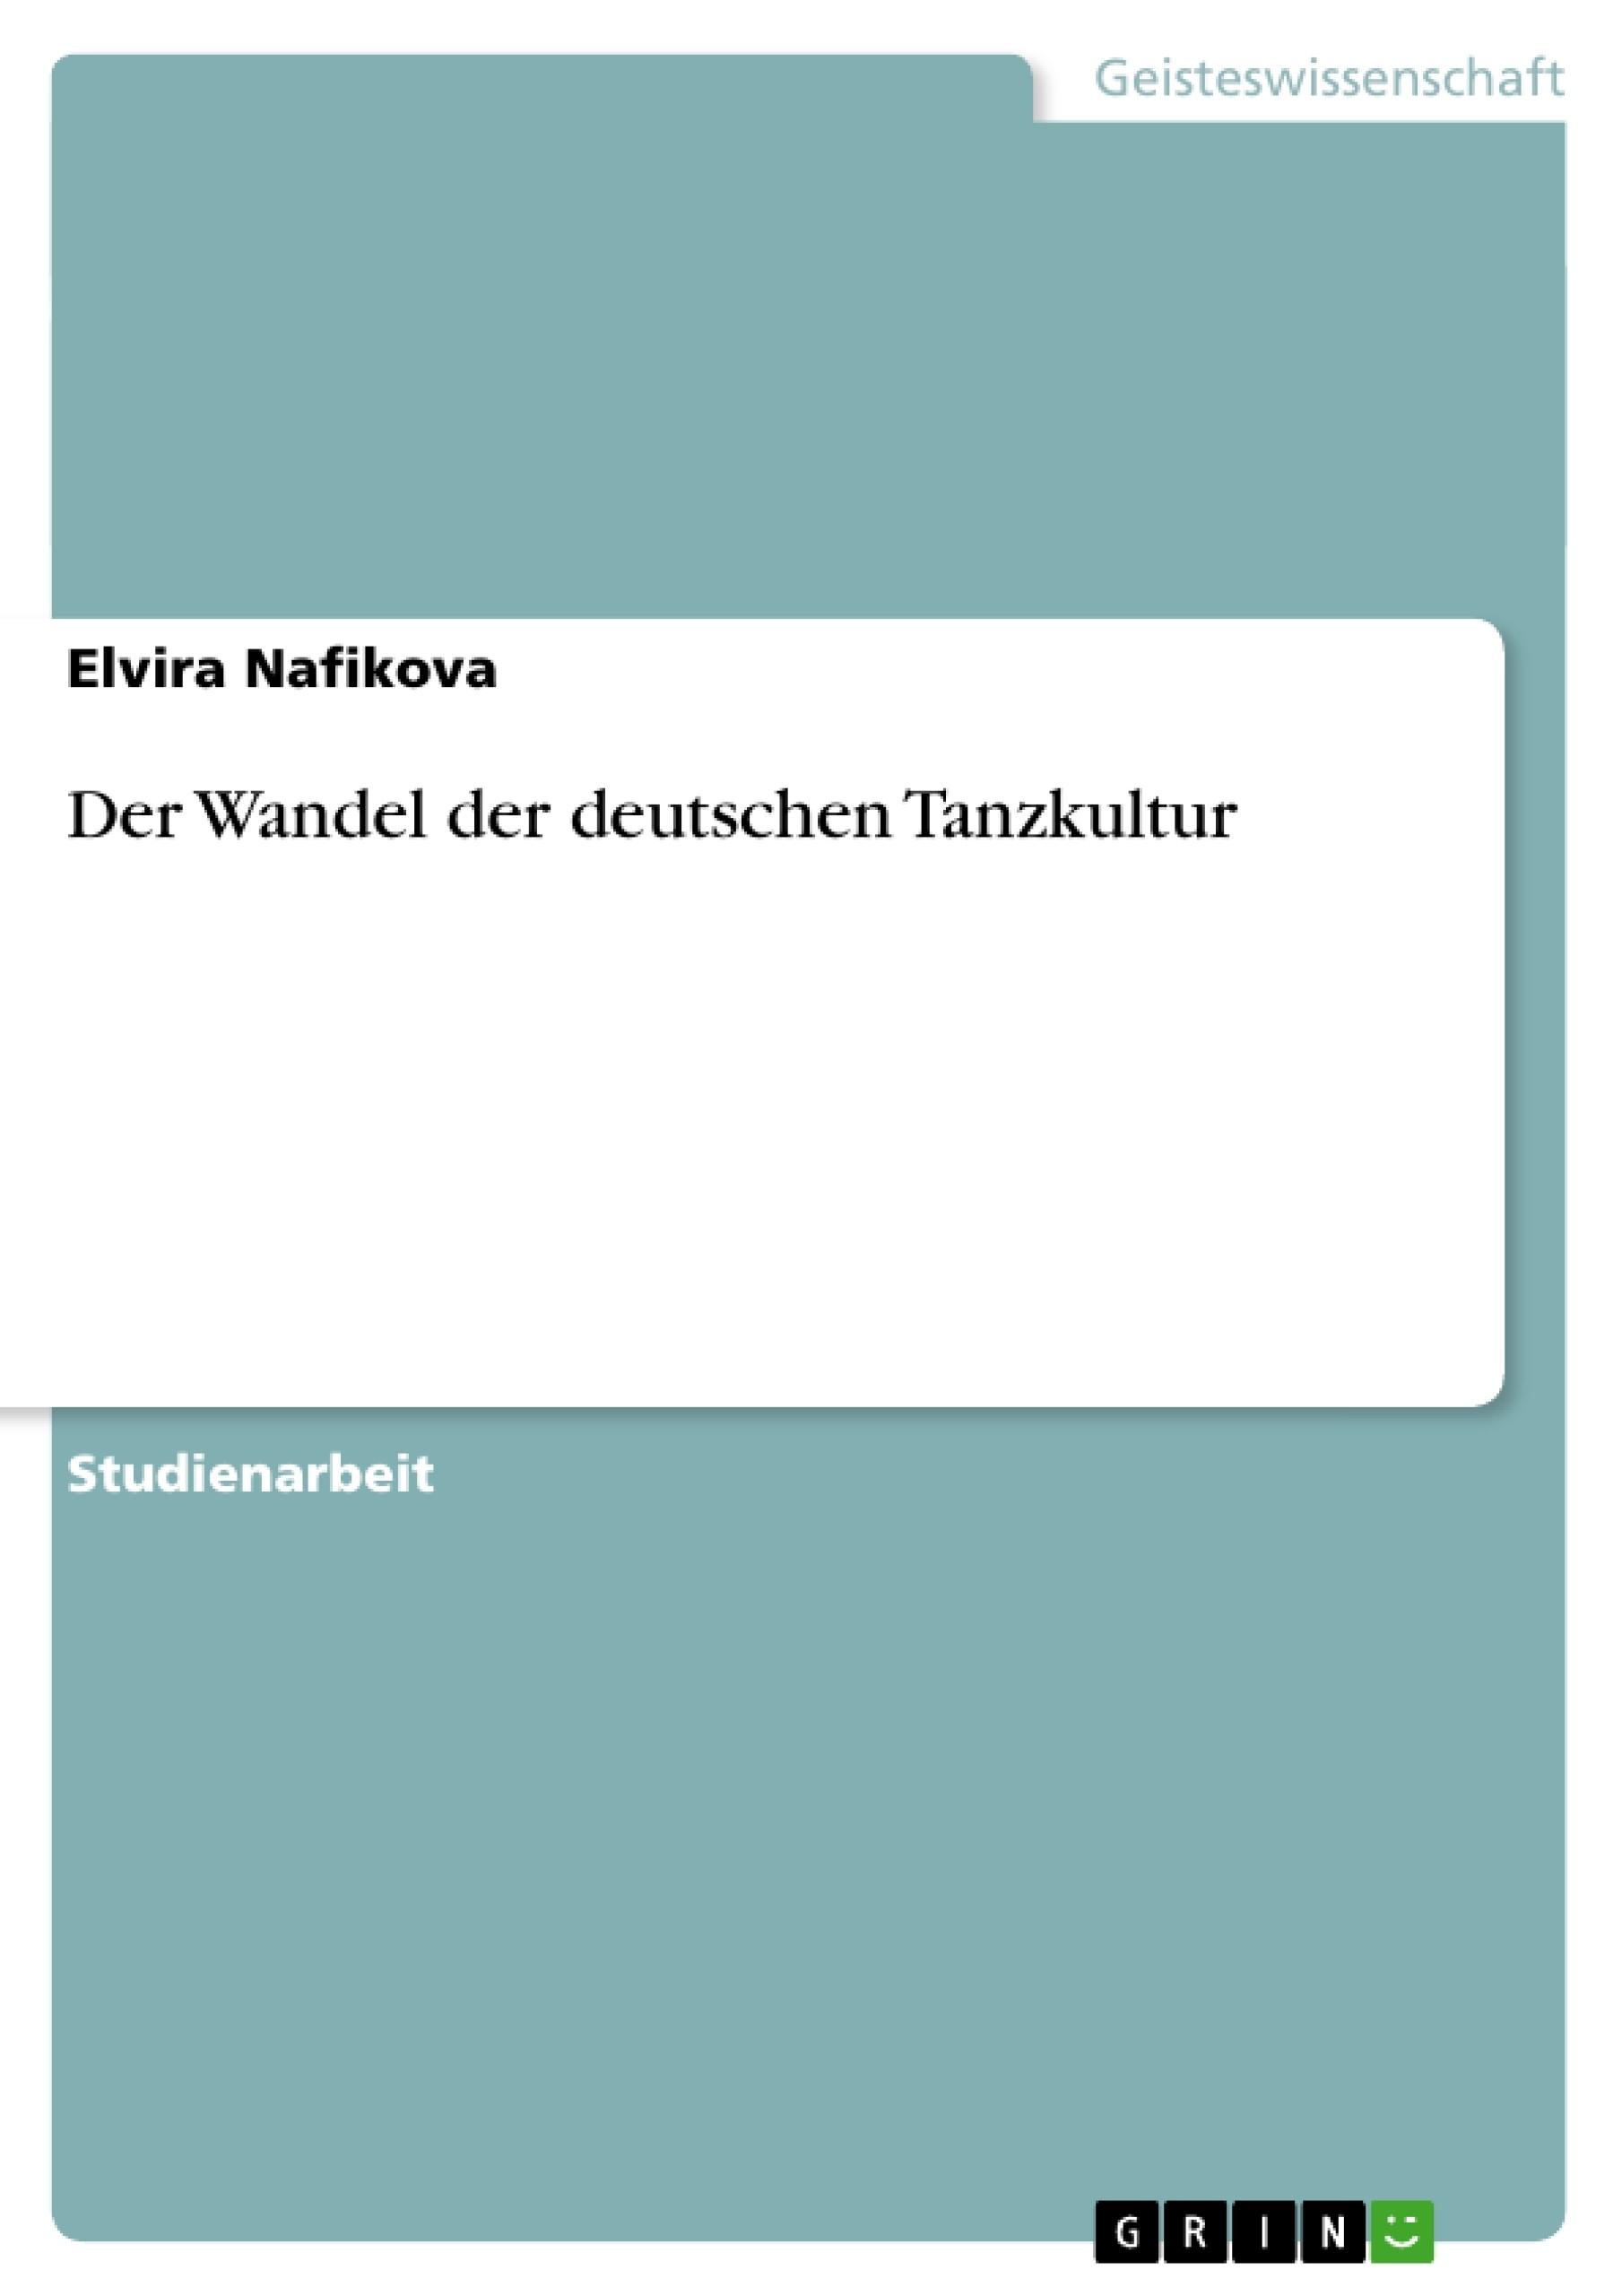 Titel: Der Wandel der deutschen Tanzkultur